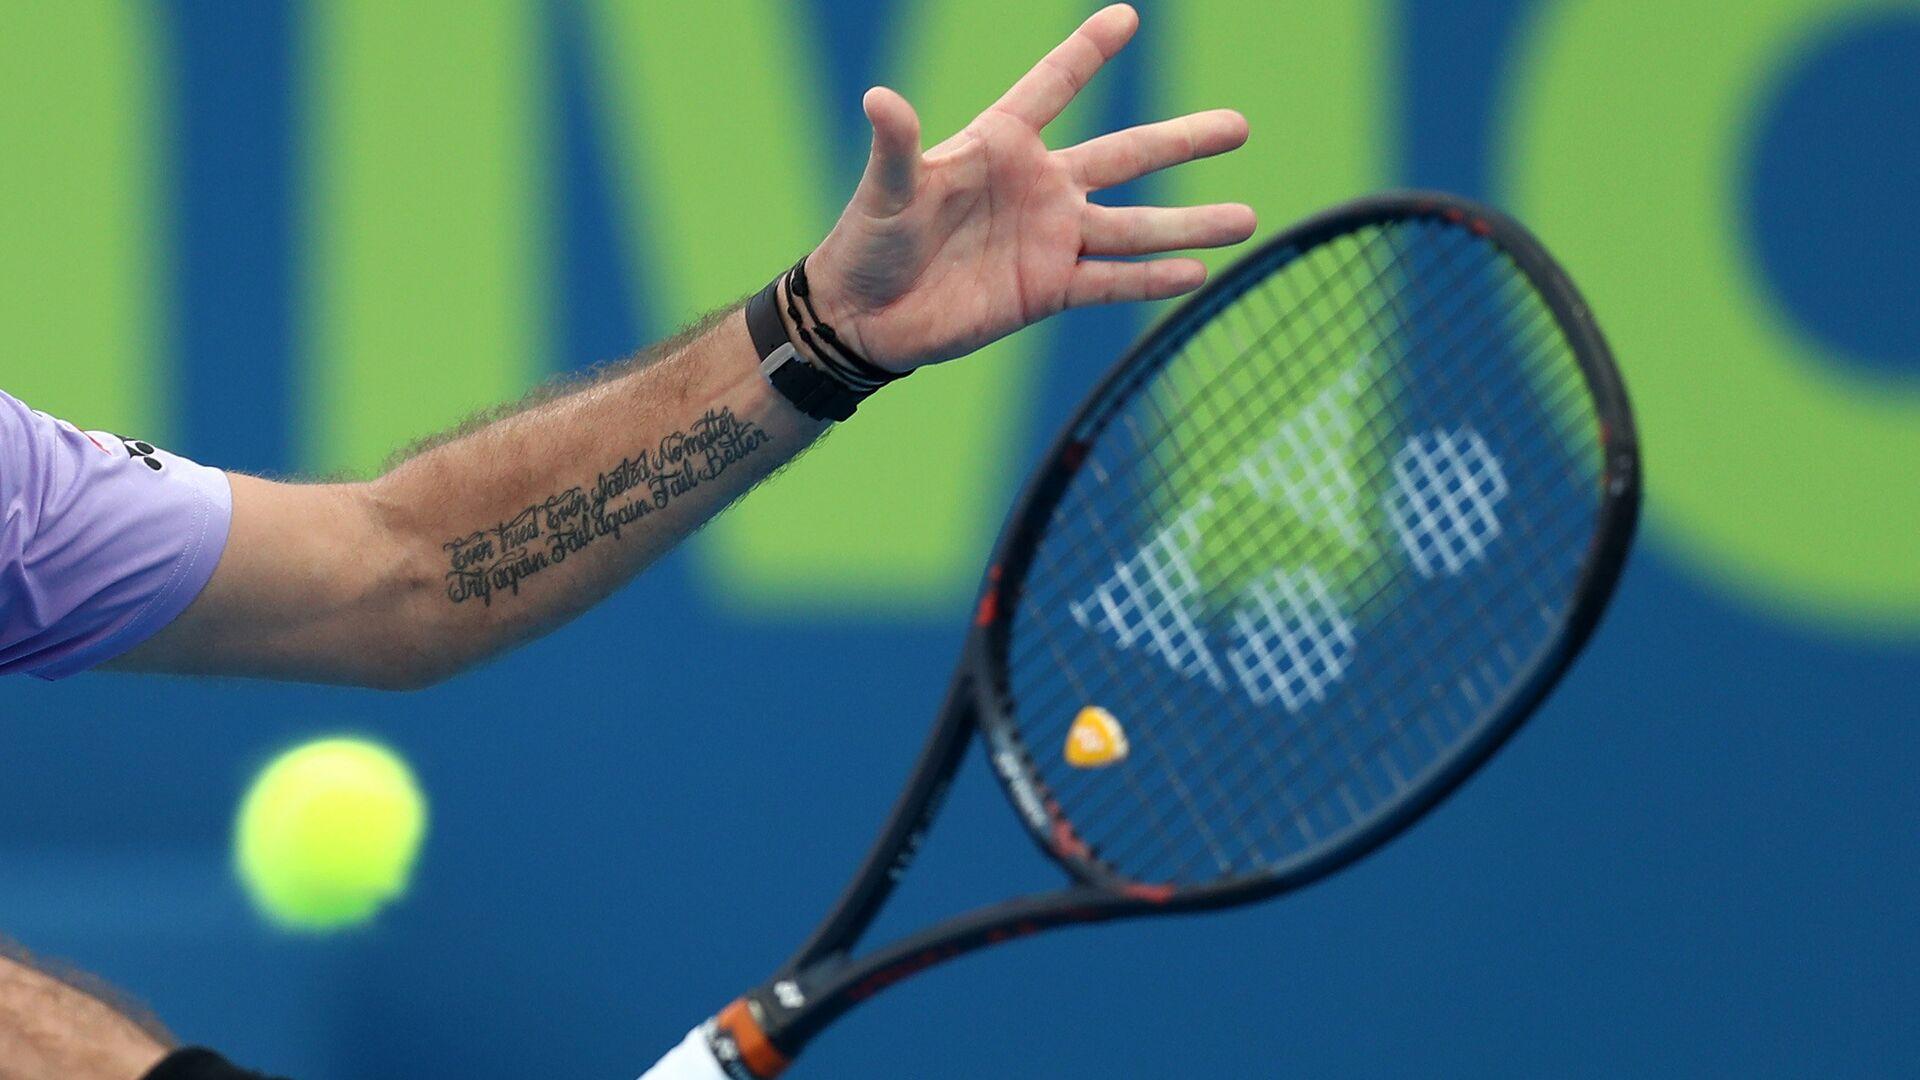 Ρακέτα τένις - Sputnik Ελλάδα, 1920, 24.09.2021